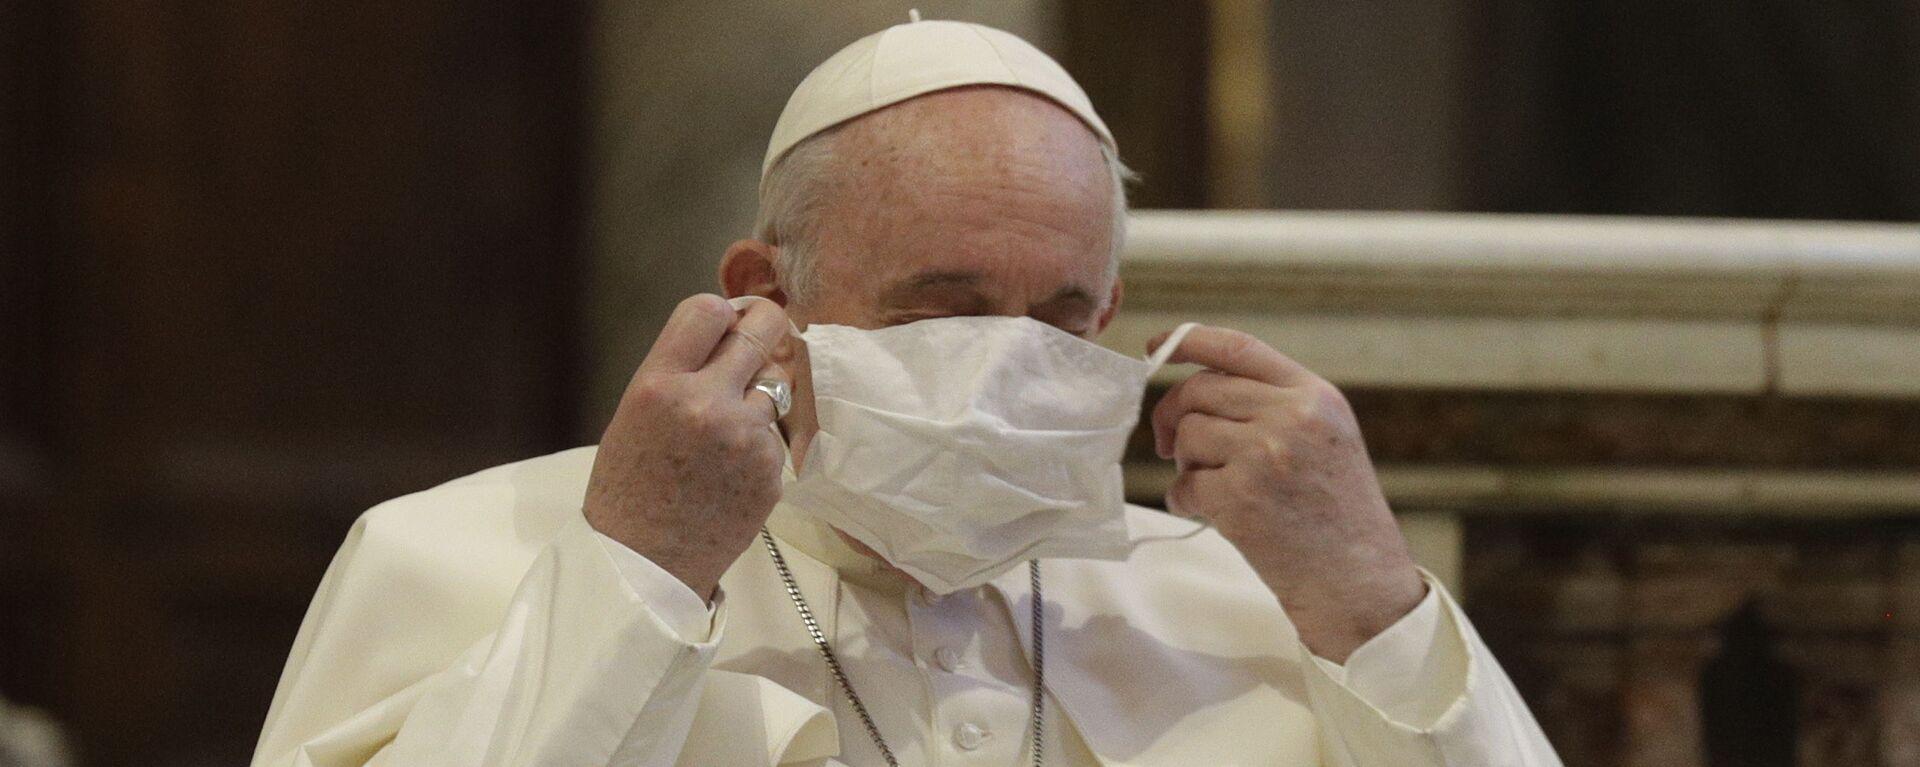 Ο Πάπας Φραγκίσκος με μάσκα - Sputnik Ελλάδα, 1920, 30.09.2021